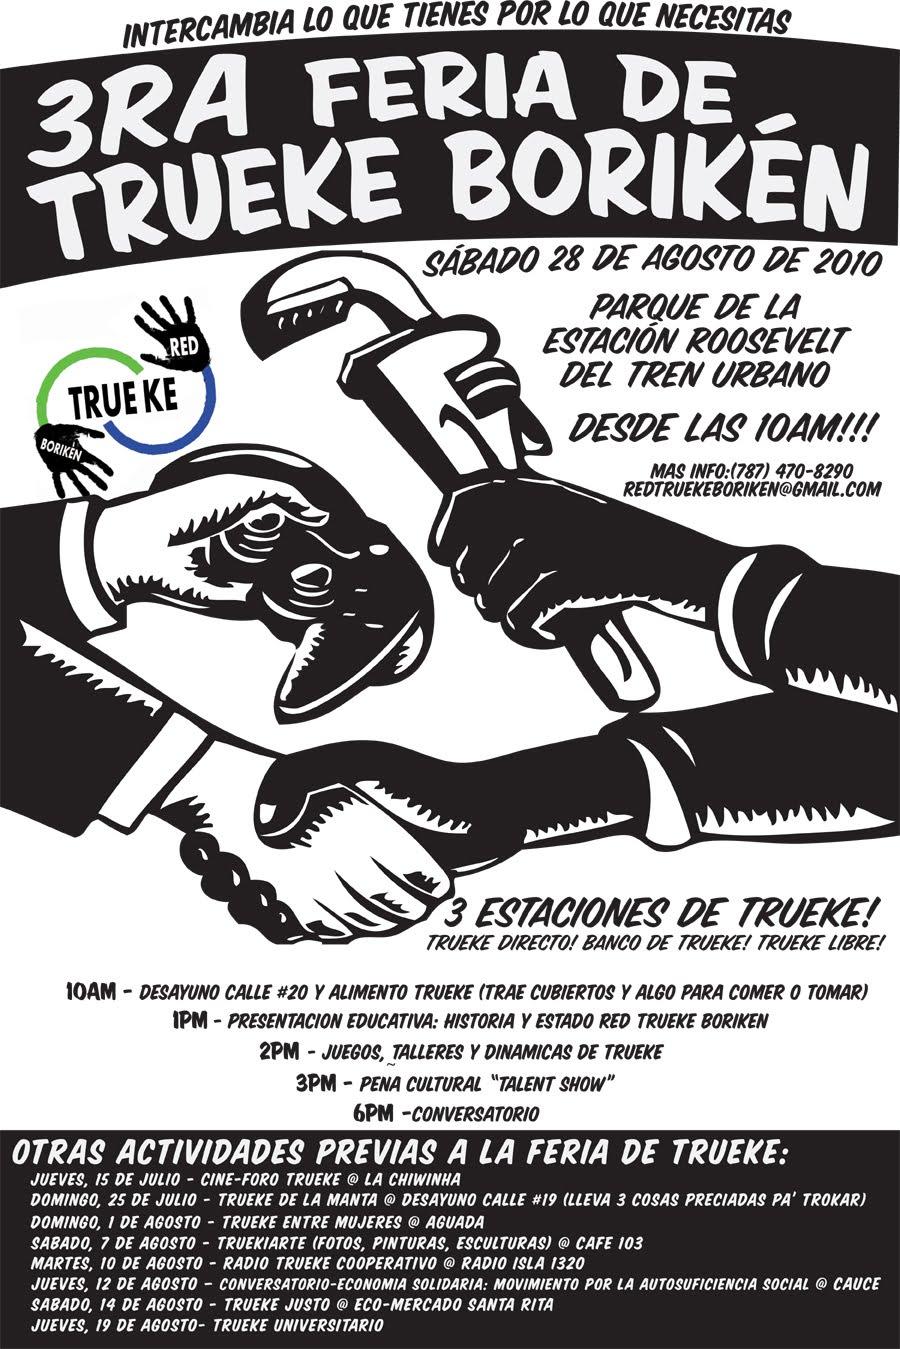 arquillano 3ra Feria de Trueke Borikén y Desayuno Calle #20